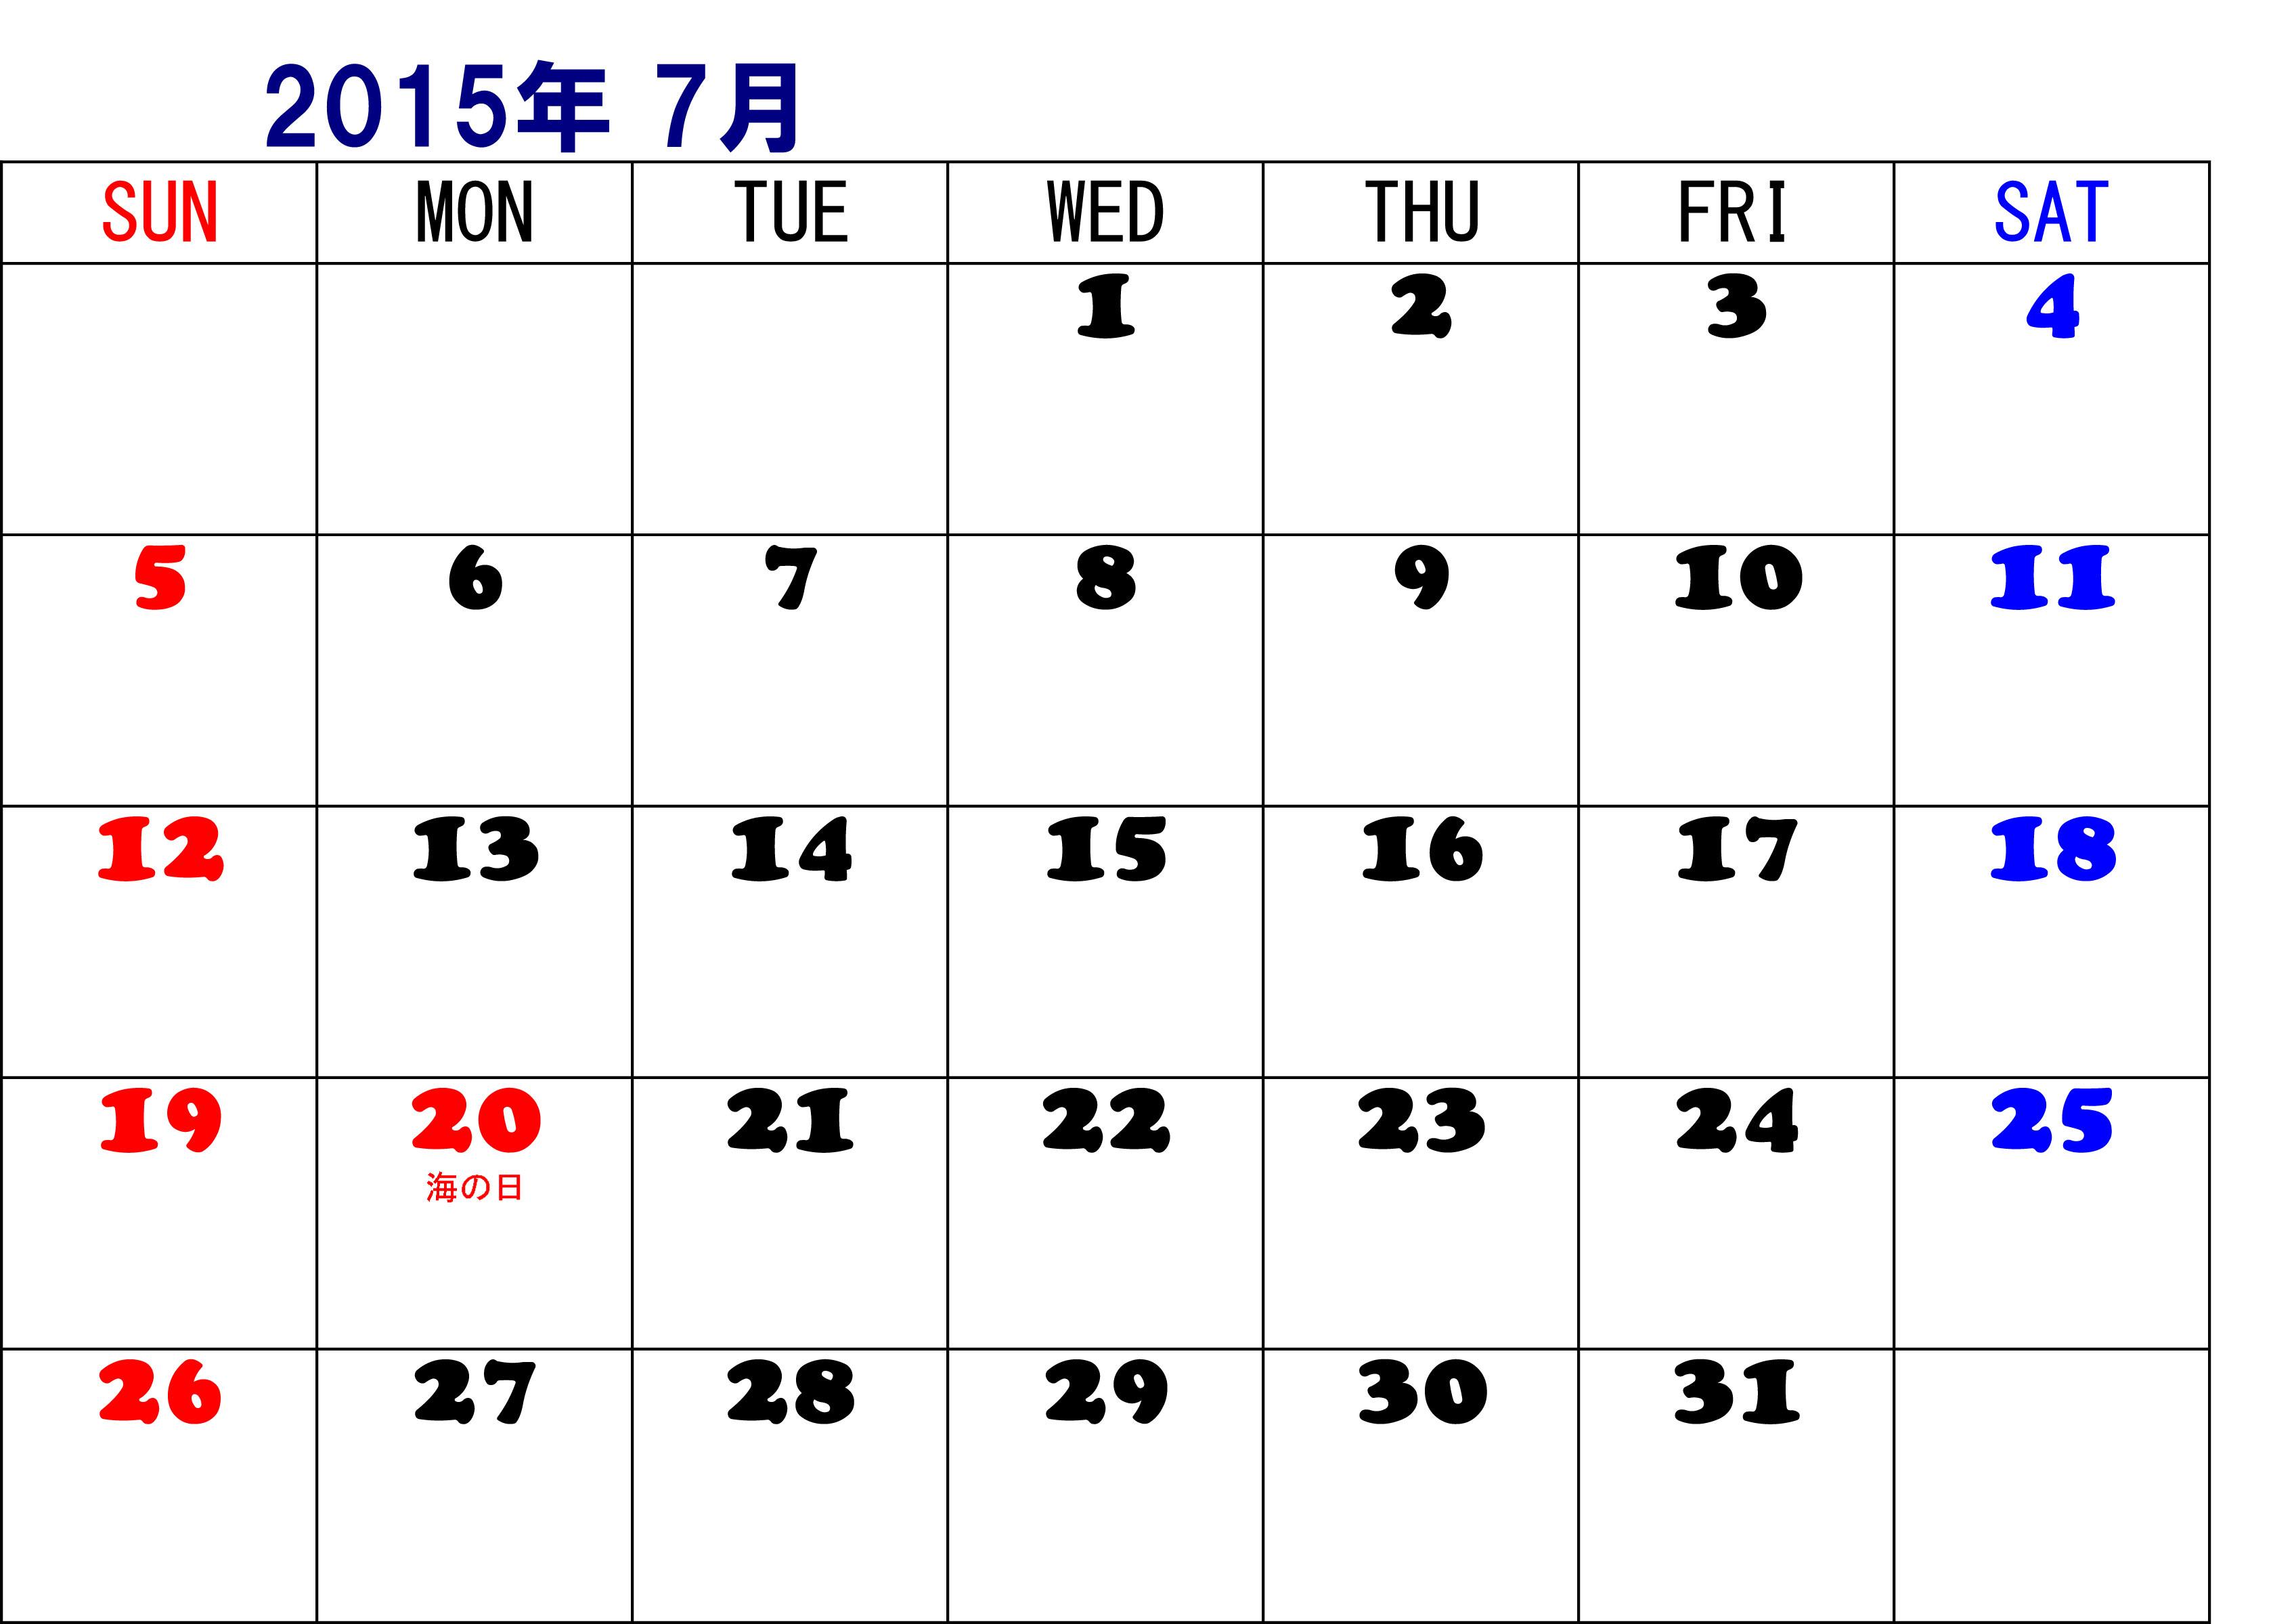 カレンダー 2015年カレンダー 日曜始まり : 2015 年 カレンダー ...